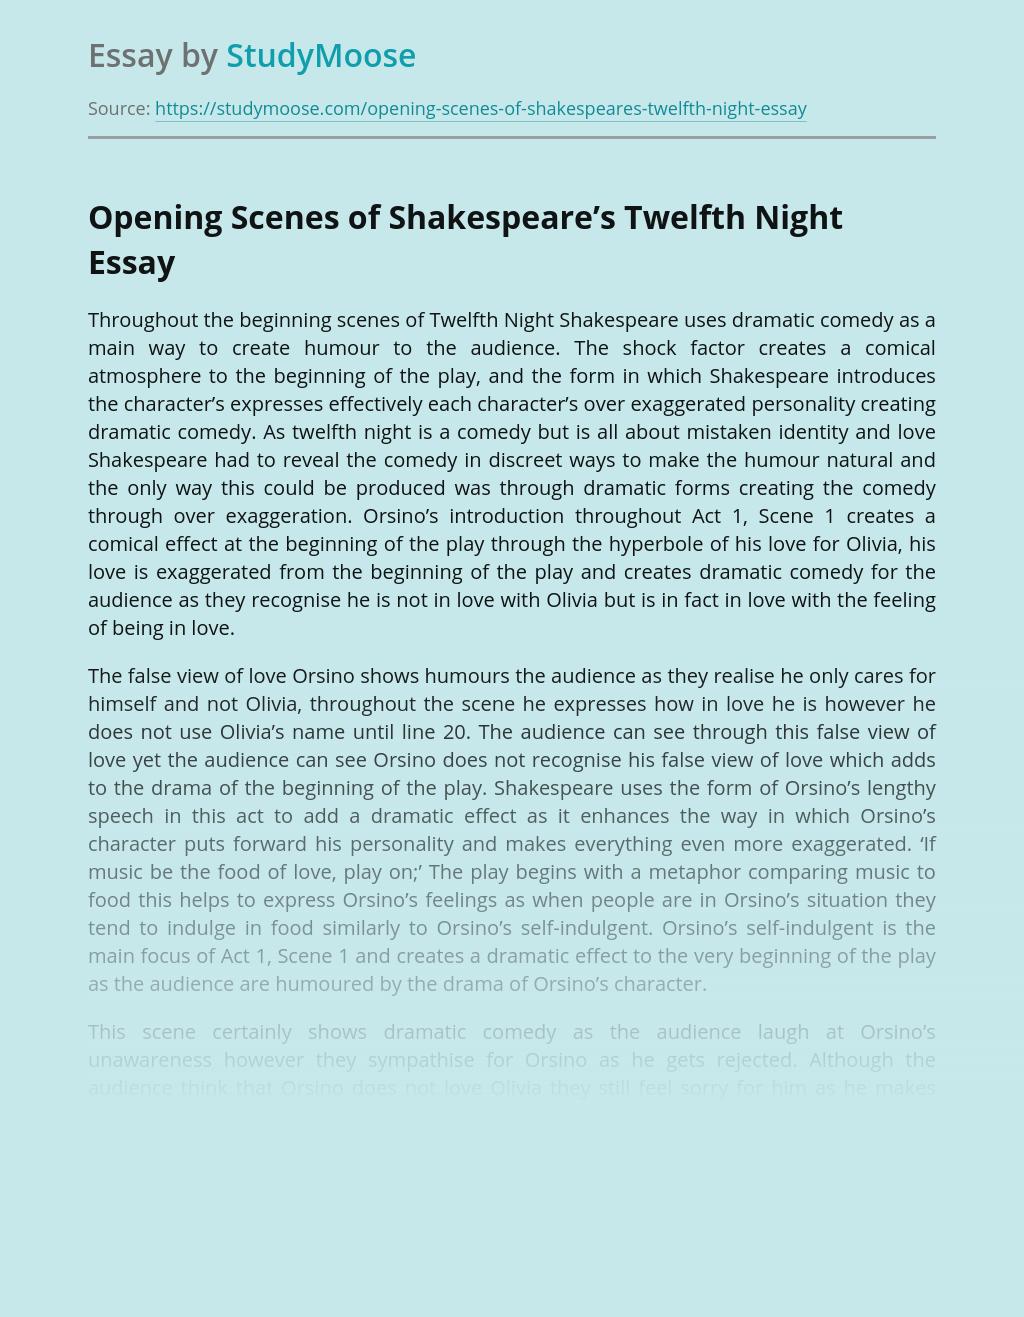 Opening Scenes of Shakespeare's Twelfth Night